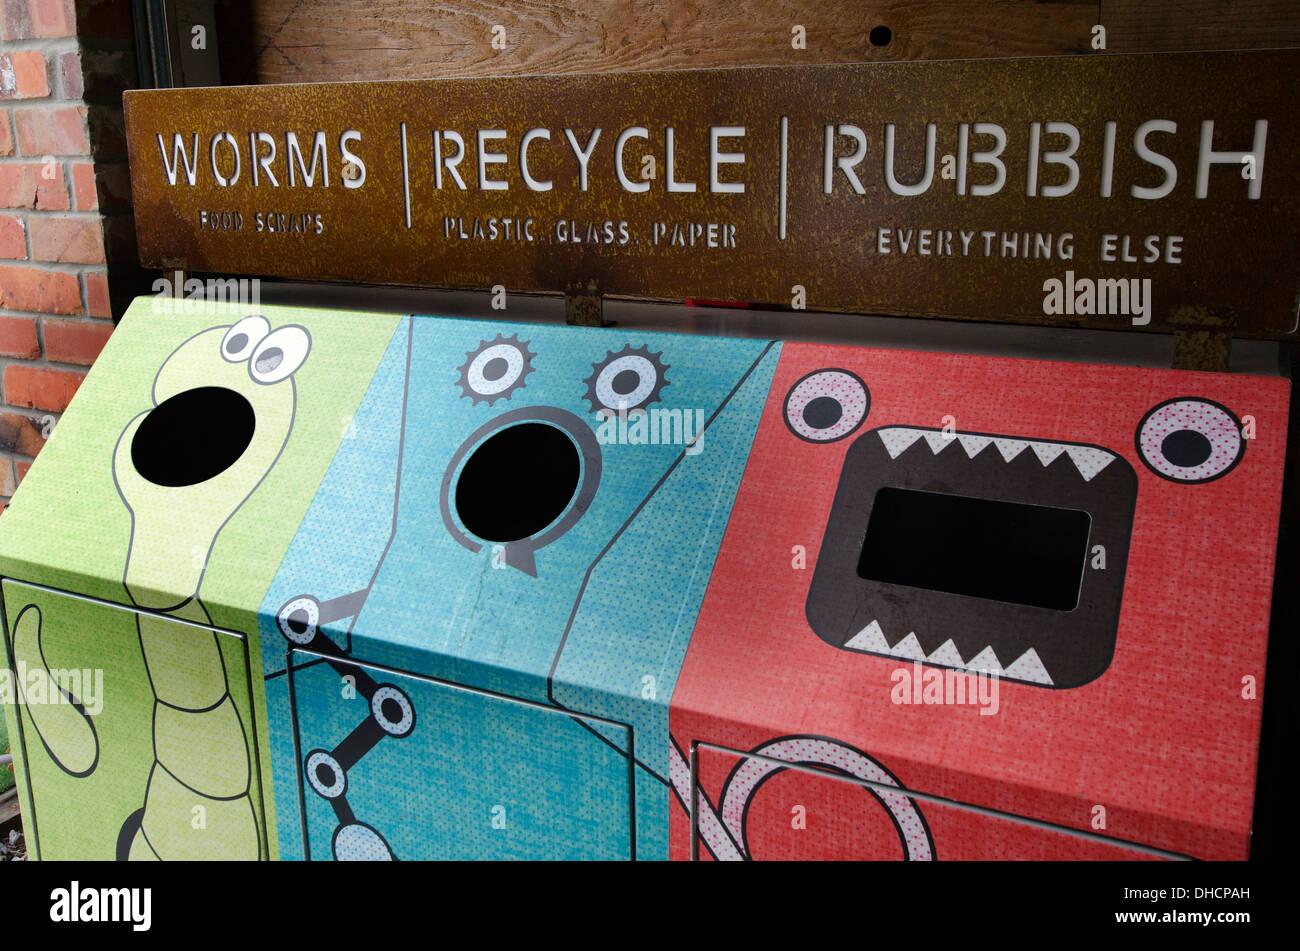 Le benne di riciclaggio - worms, riciclare i rifiuti Immagini Stock